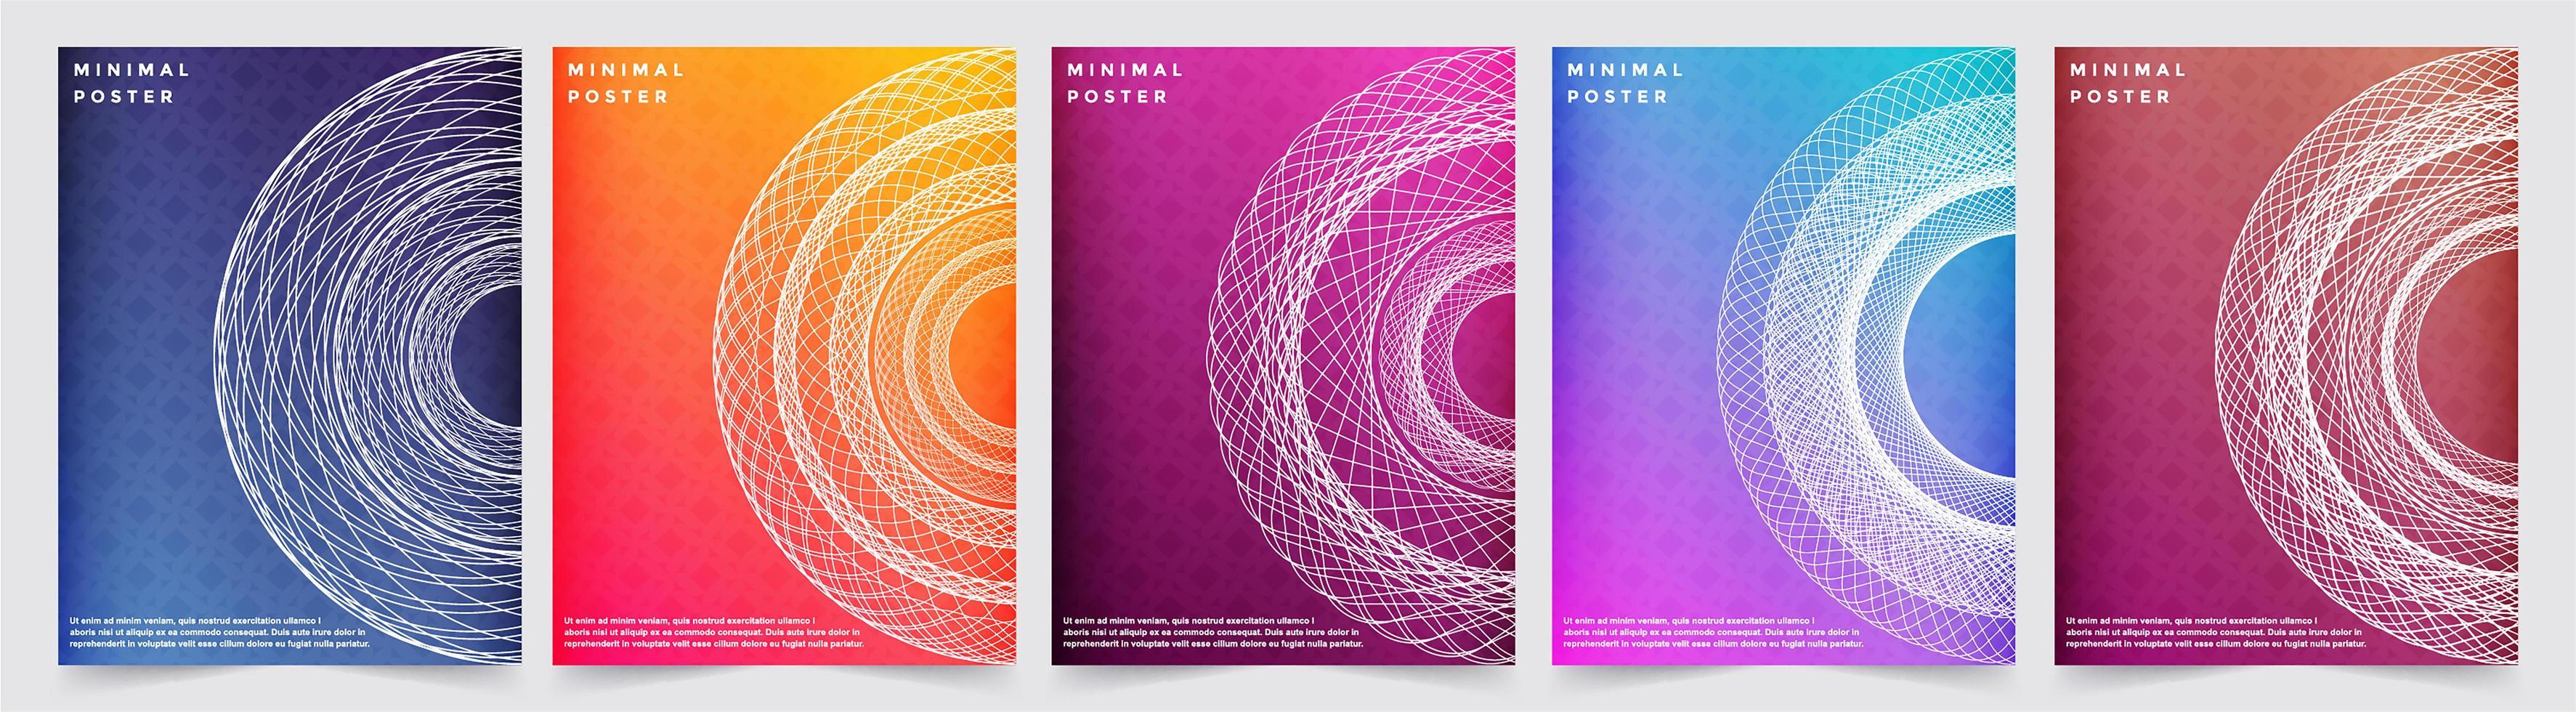 diseños de patrones de cubiertas mínimas coloridas abstractas vector